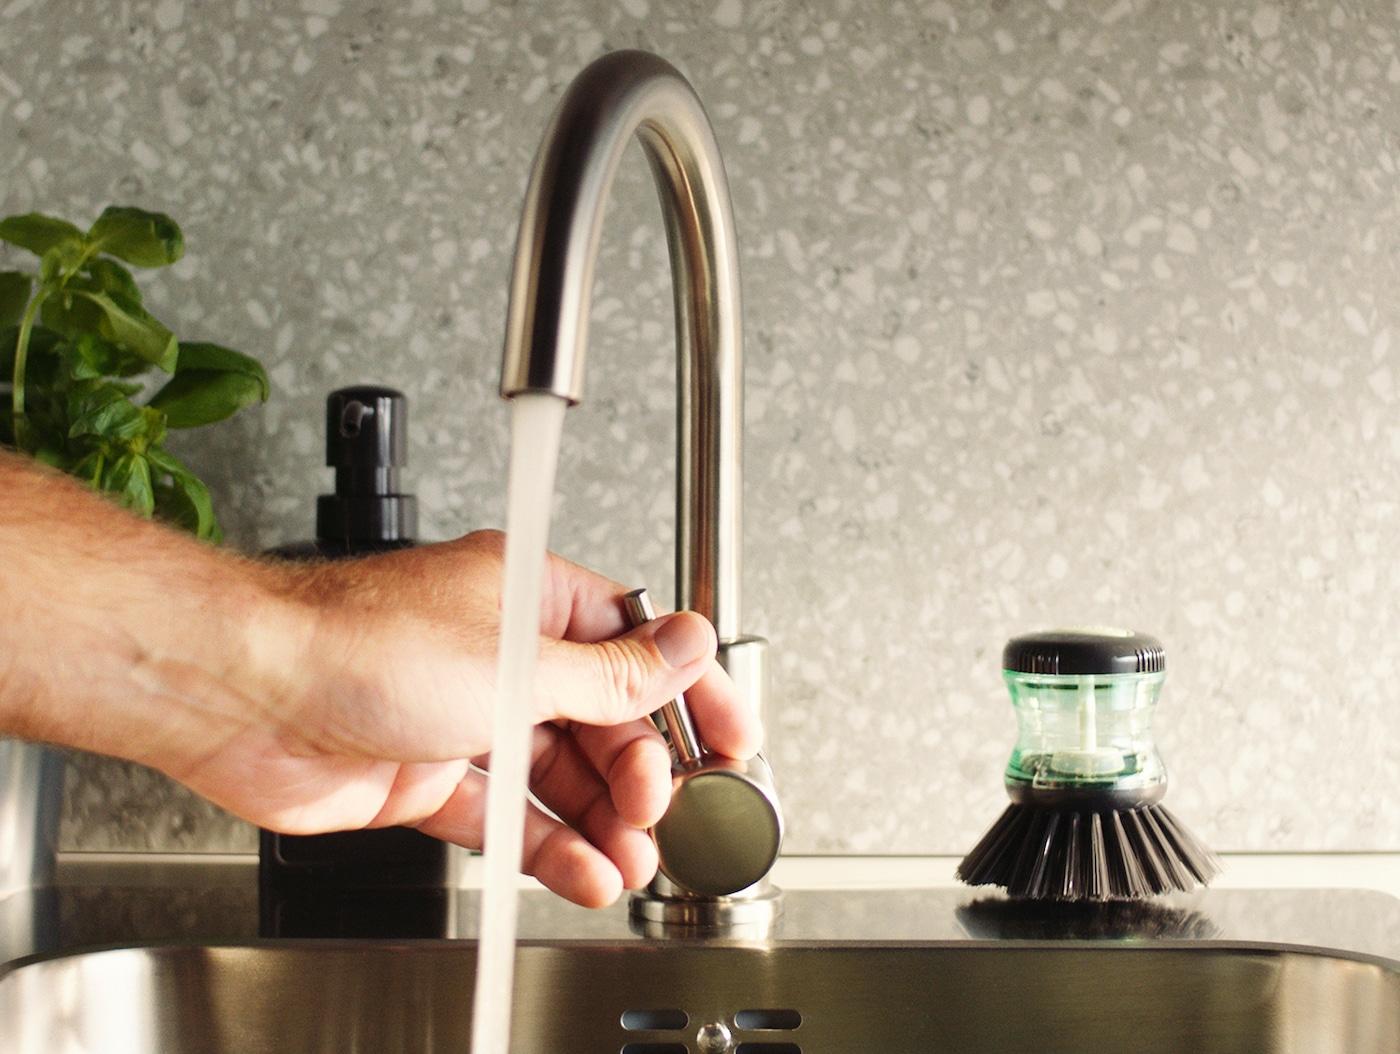 Šaka podešava protok vode na GLYPEN kuhinjskoj slavini od nerđajućeg čelika, pored TÅRTSMET četke za pranje sudova.